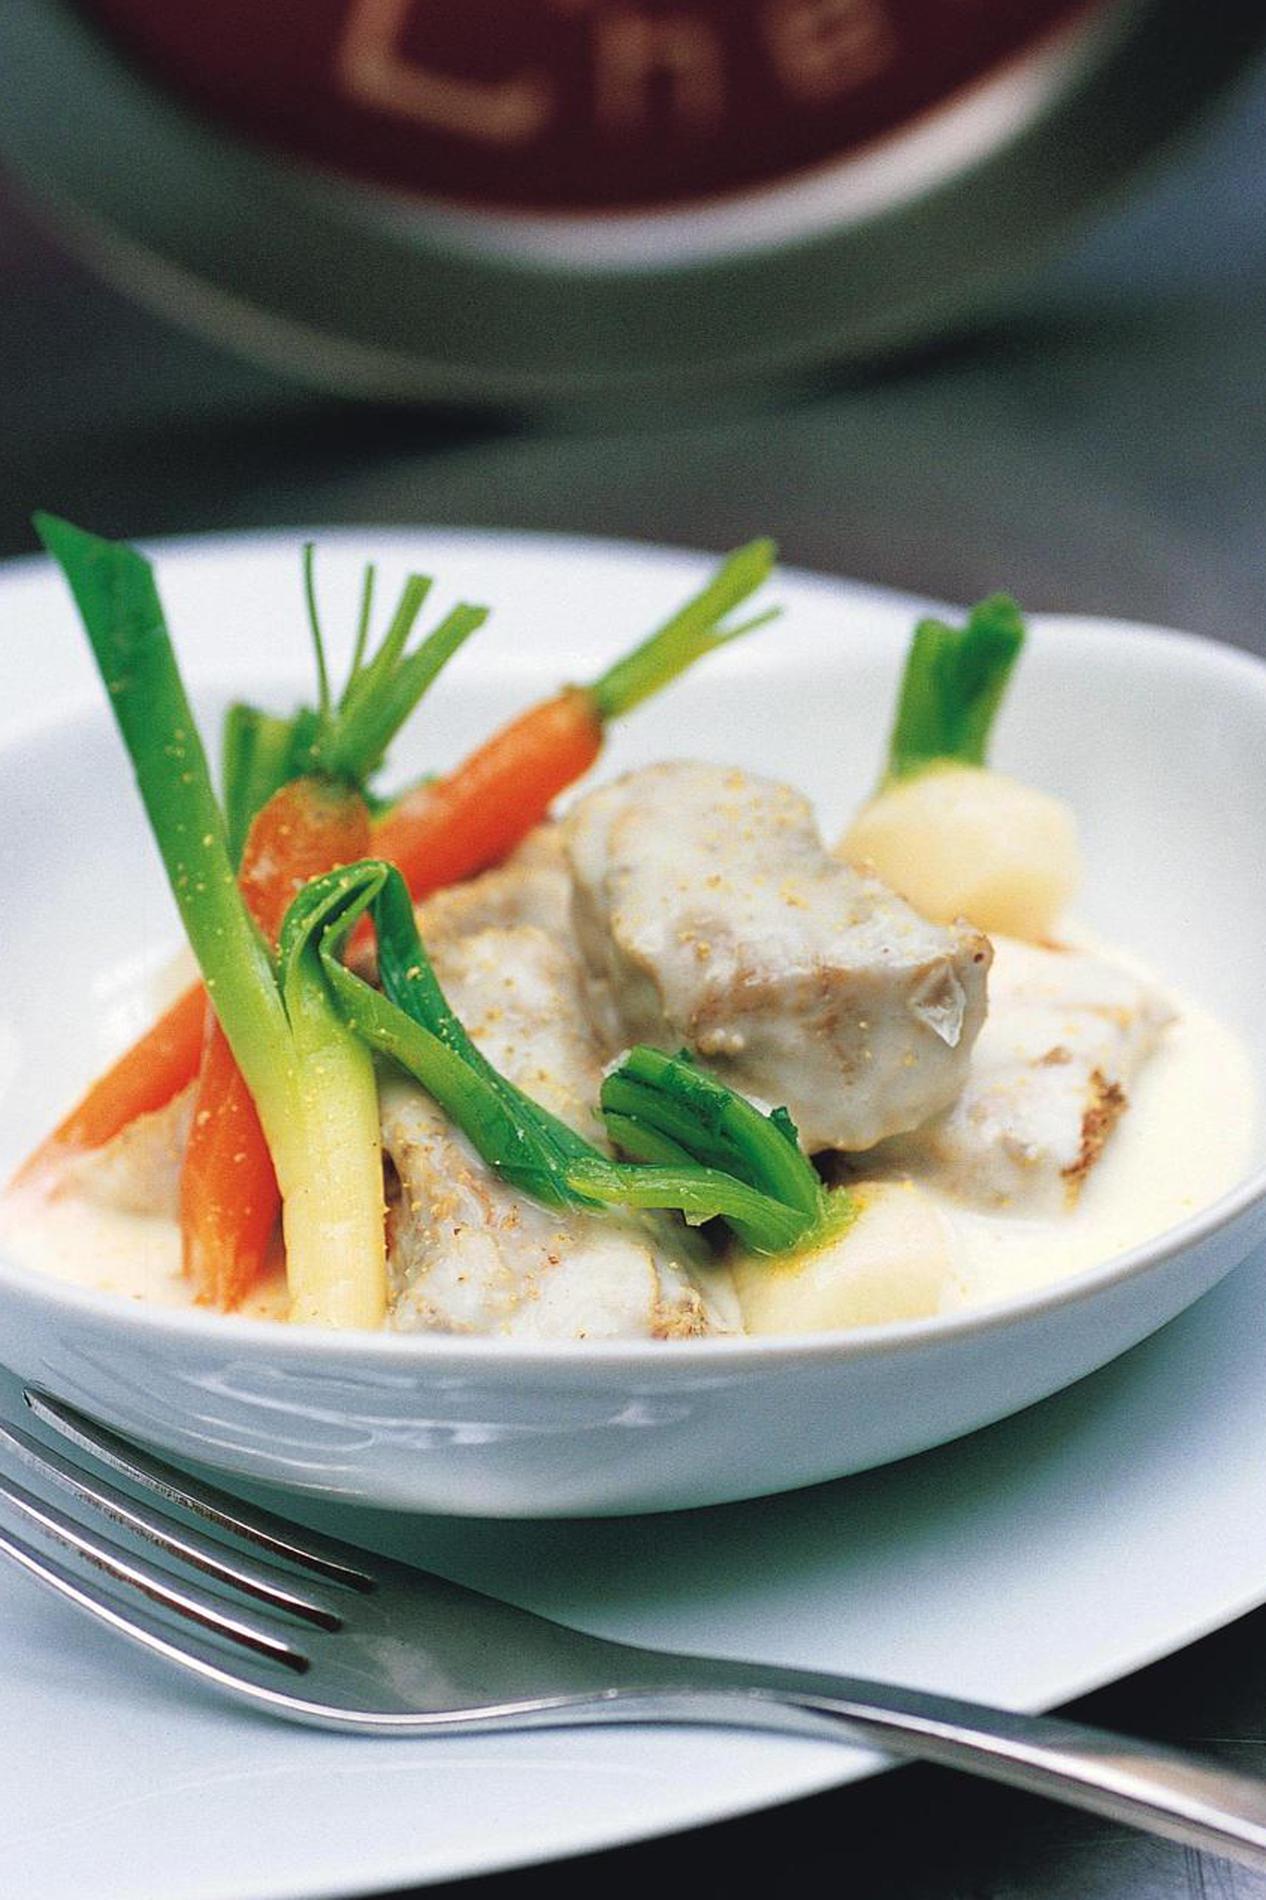 Recette blanquette de veau des familles cuisine madame figaro - Recette de cuisine blanquette de veau ...